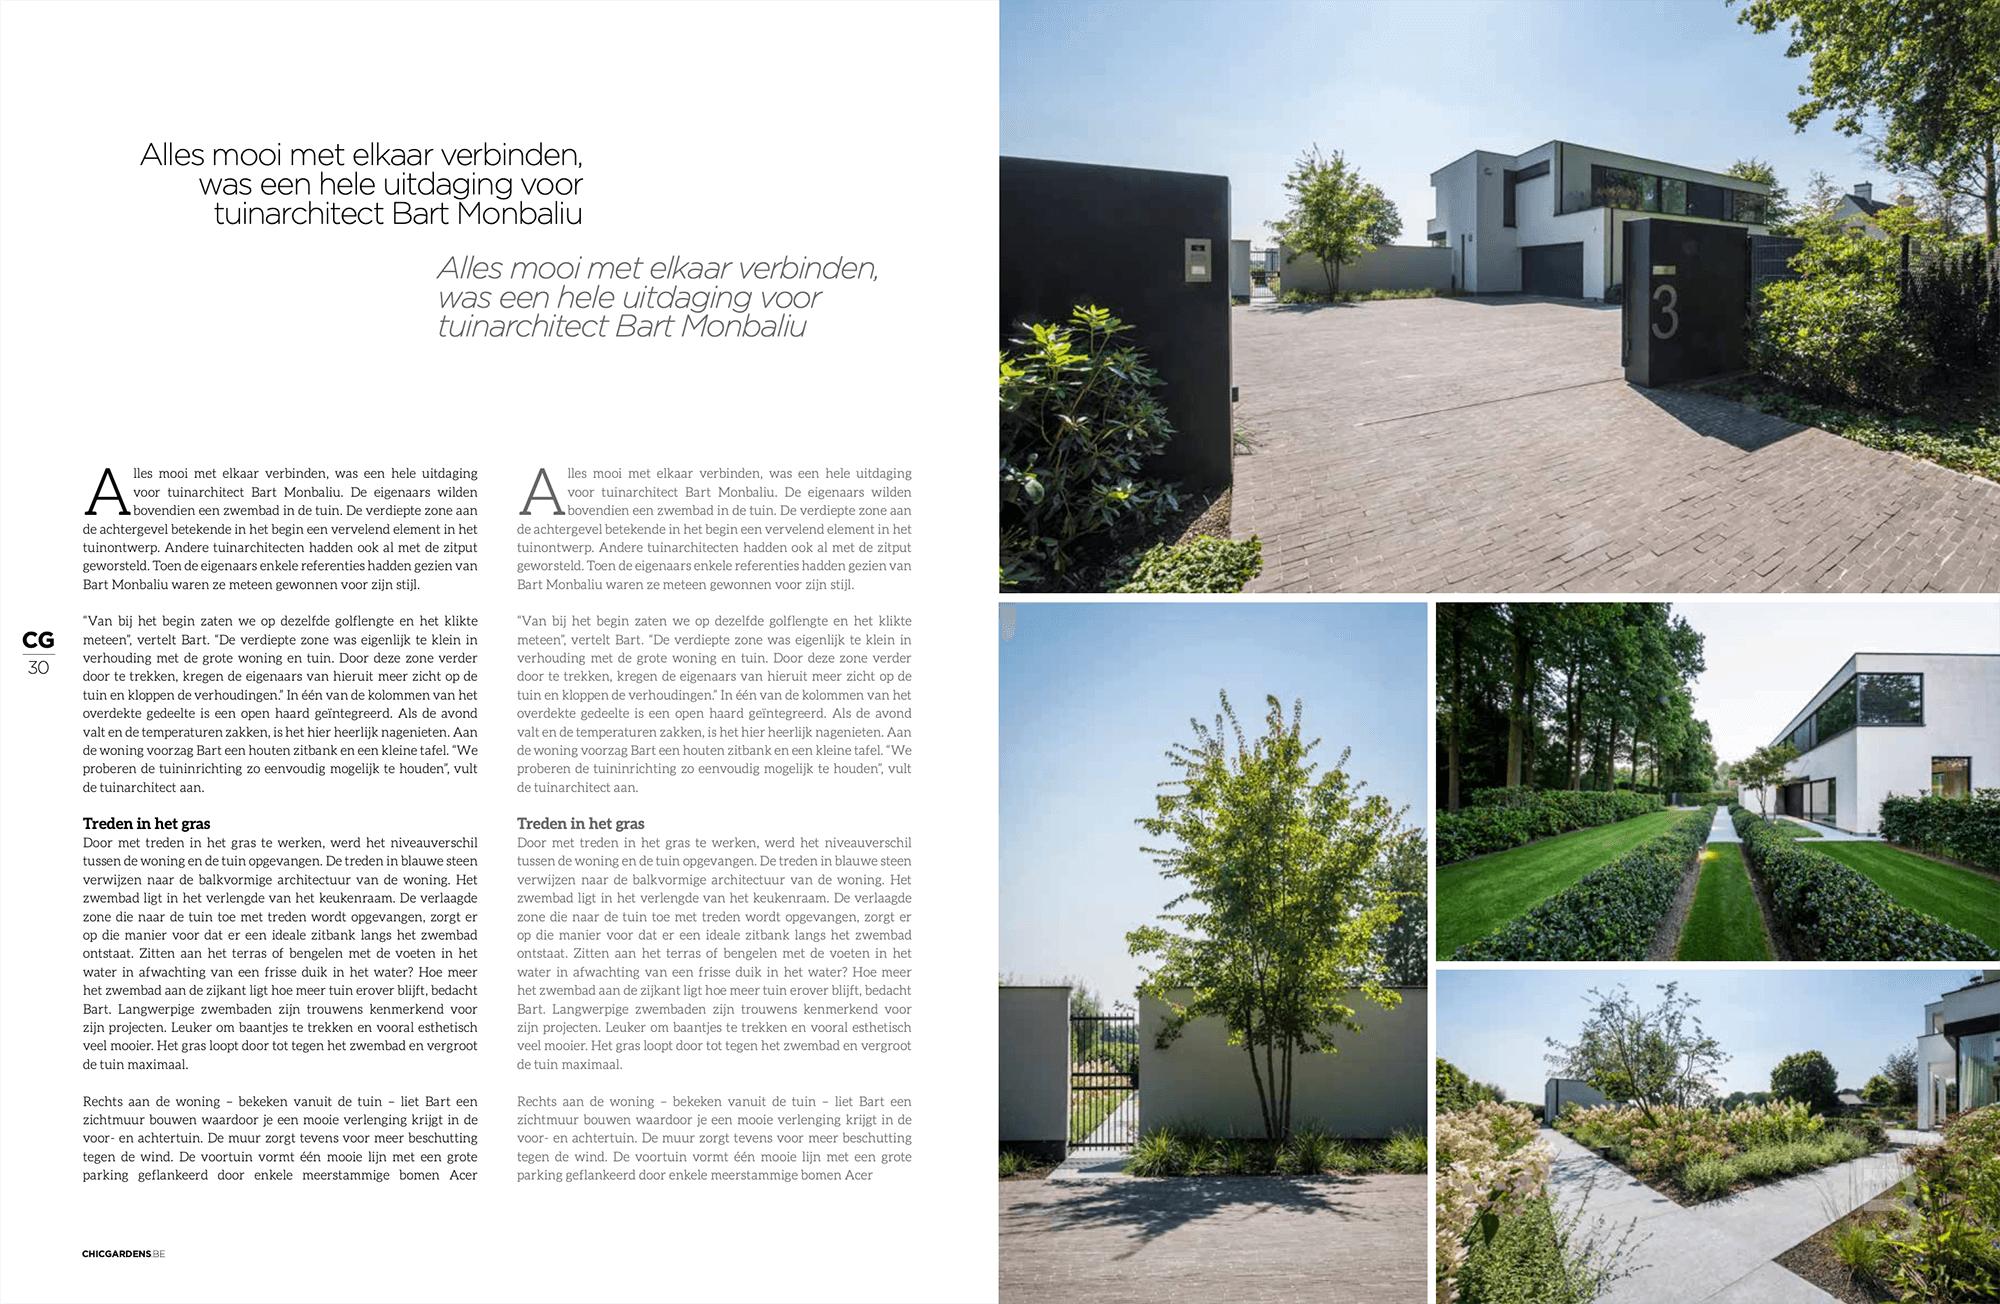 Afbeelding nieuwsitem Magazine 'Chic Gardens' – Een unieke locatie